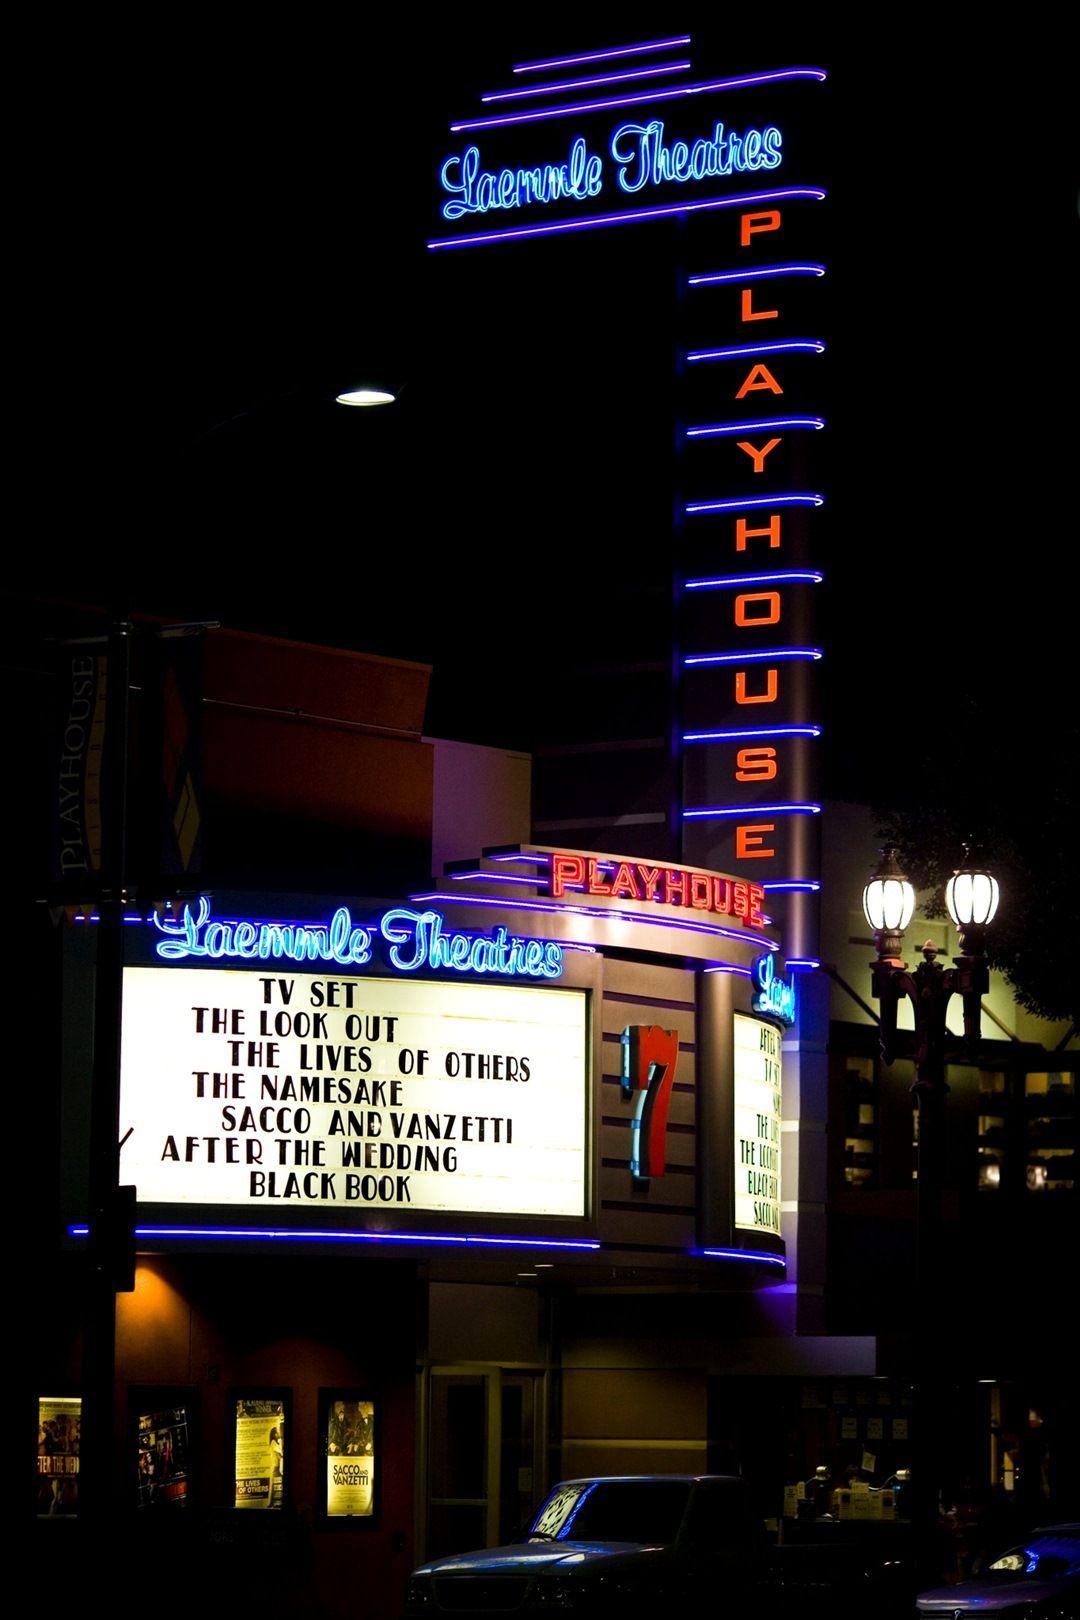 Laemmle_Theaters